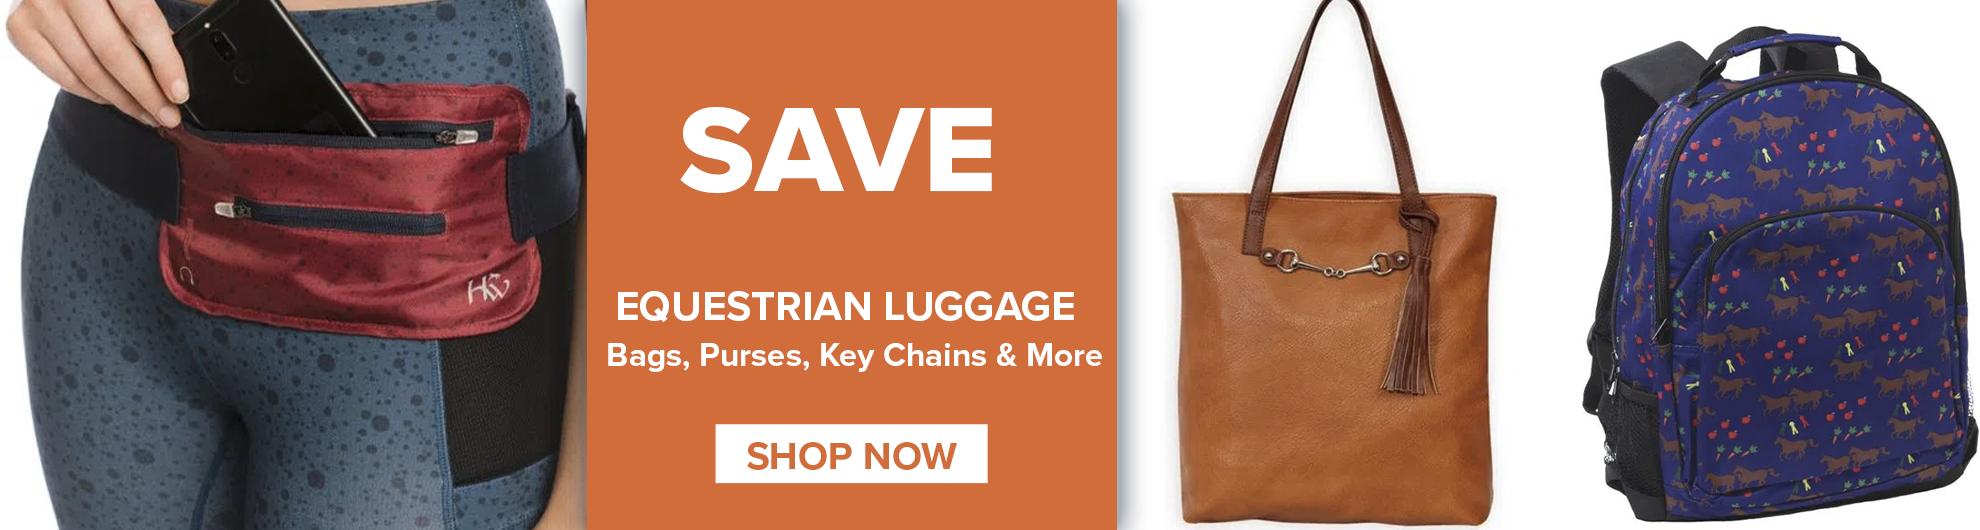 Equestrian Luggage